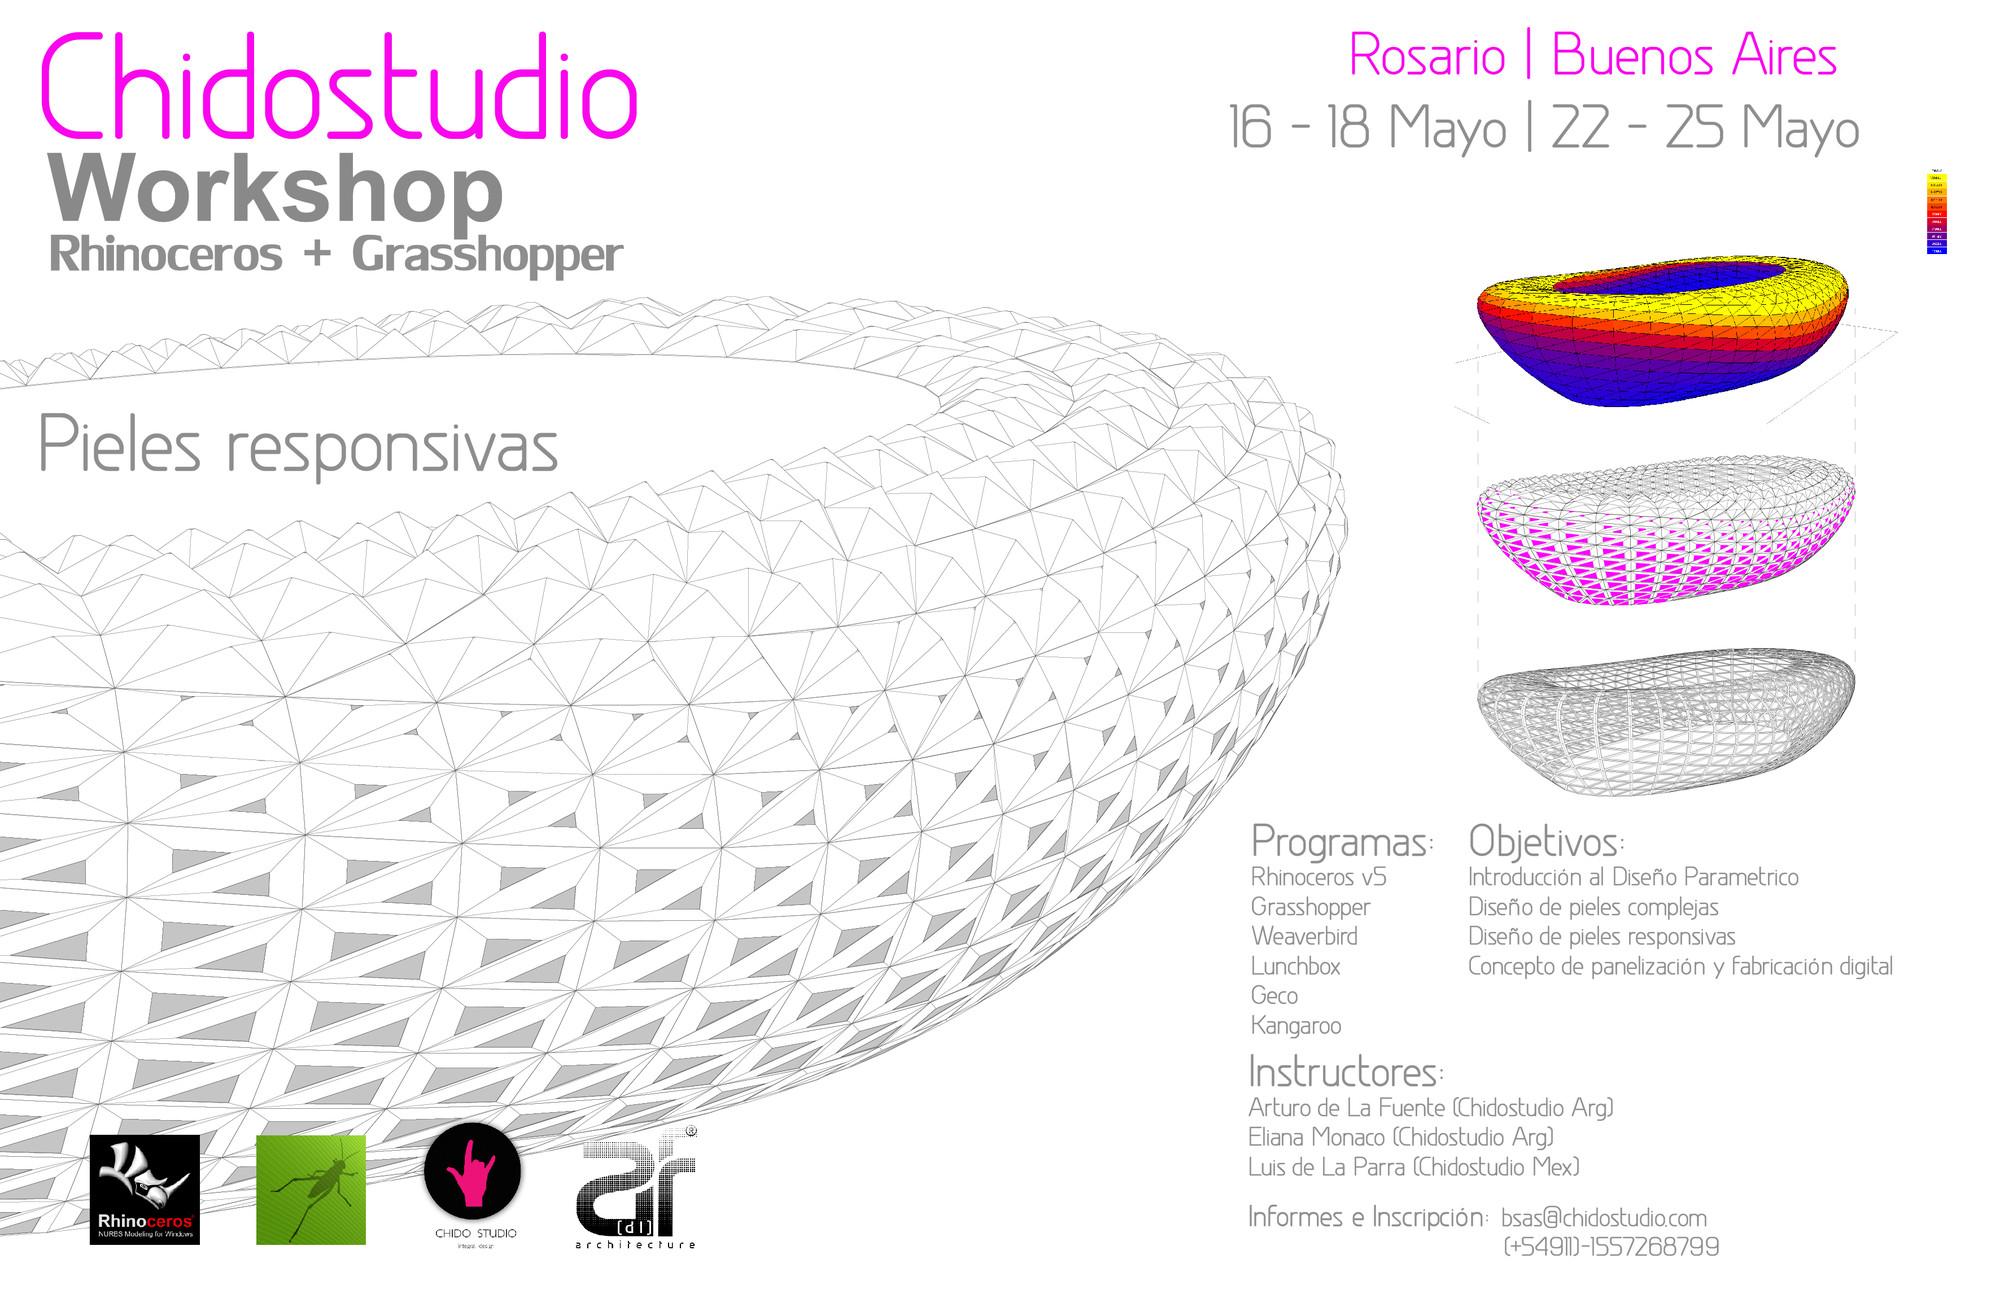 Workshop Chidostudio: Pieles responsivas en Rosario y Buenos Aires / ¡Sorteamos un cupo!, Courtesy of Chido Studio